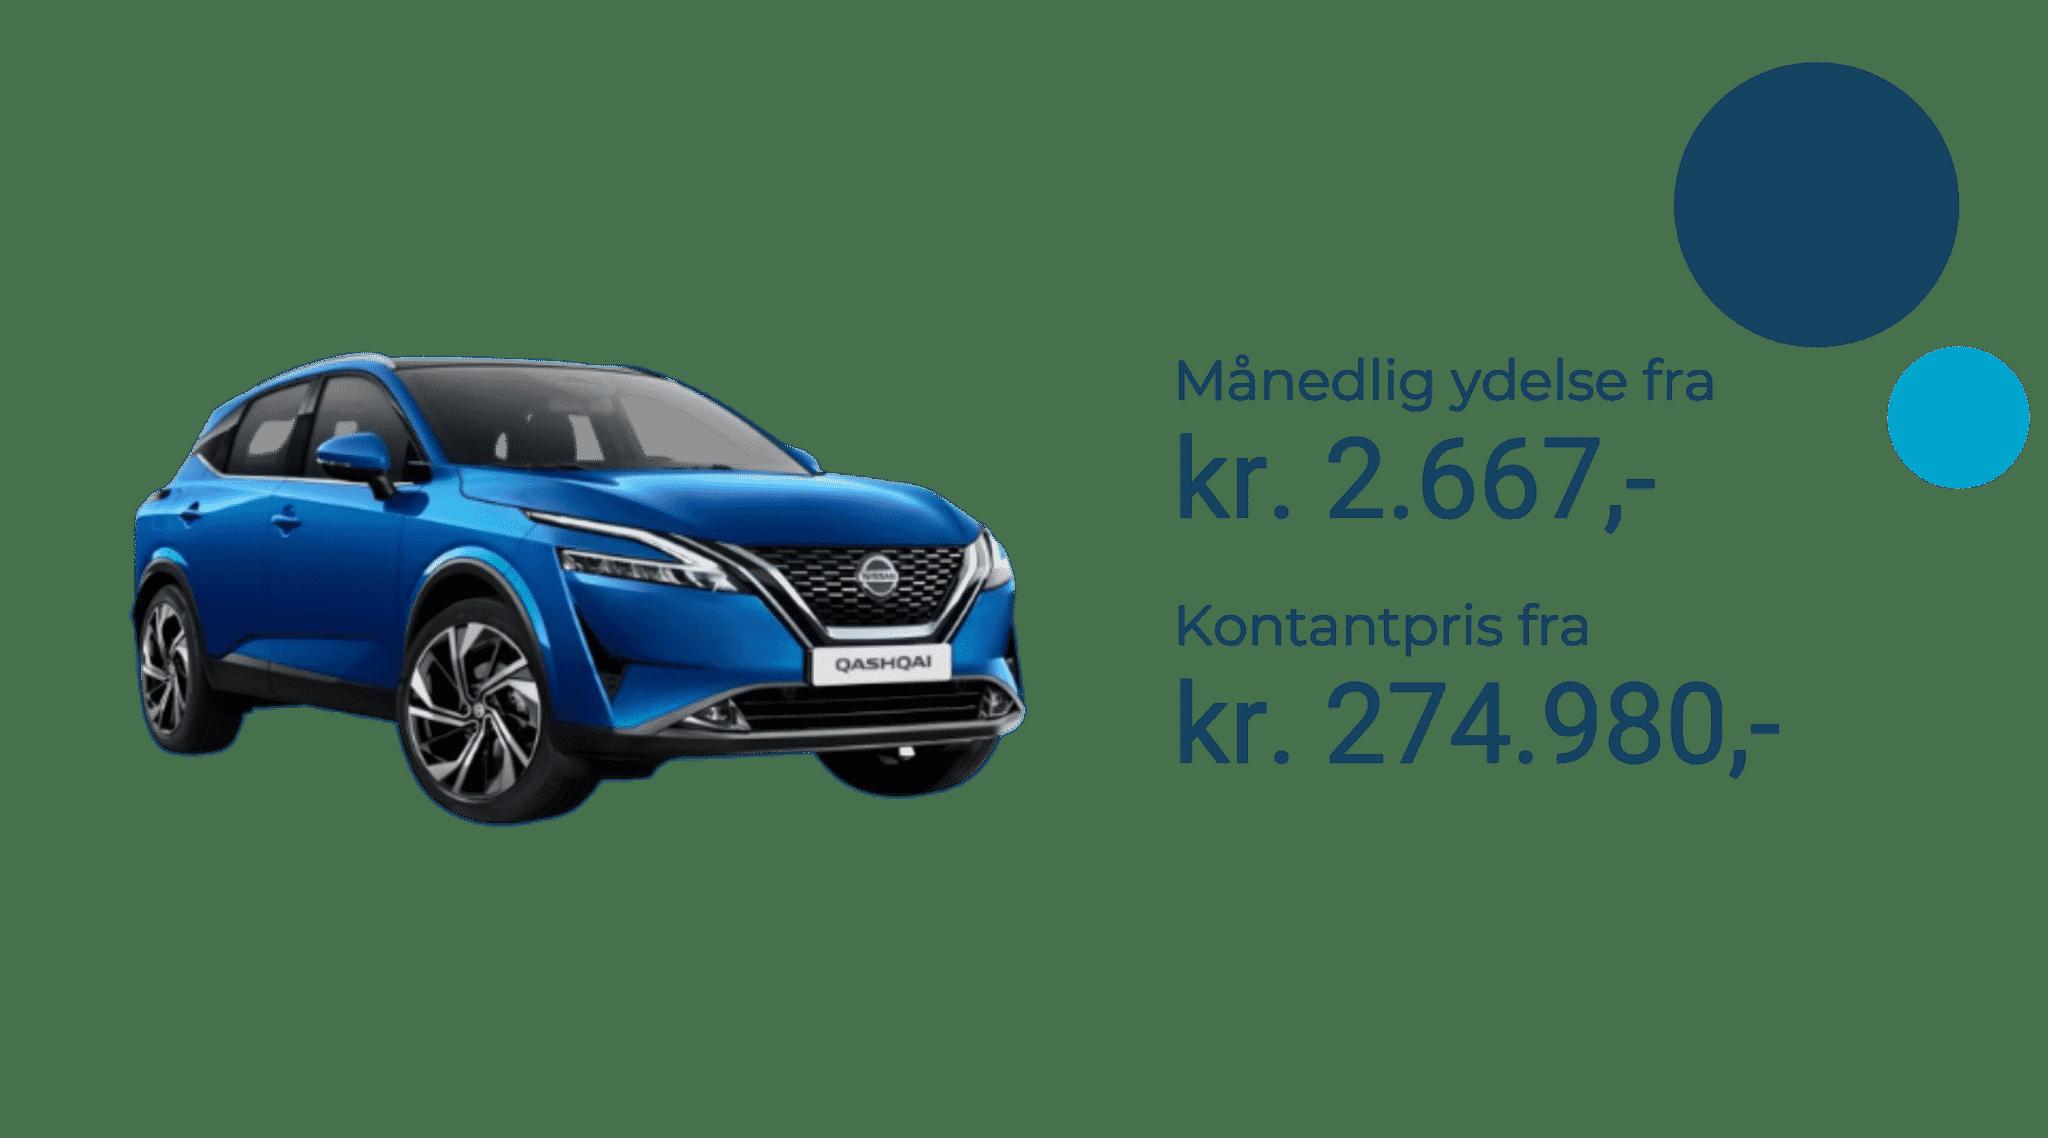 Nissan Qashqai 2021 priser